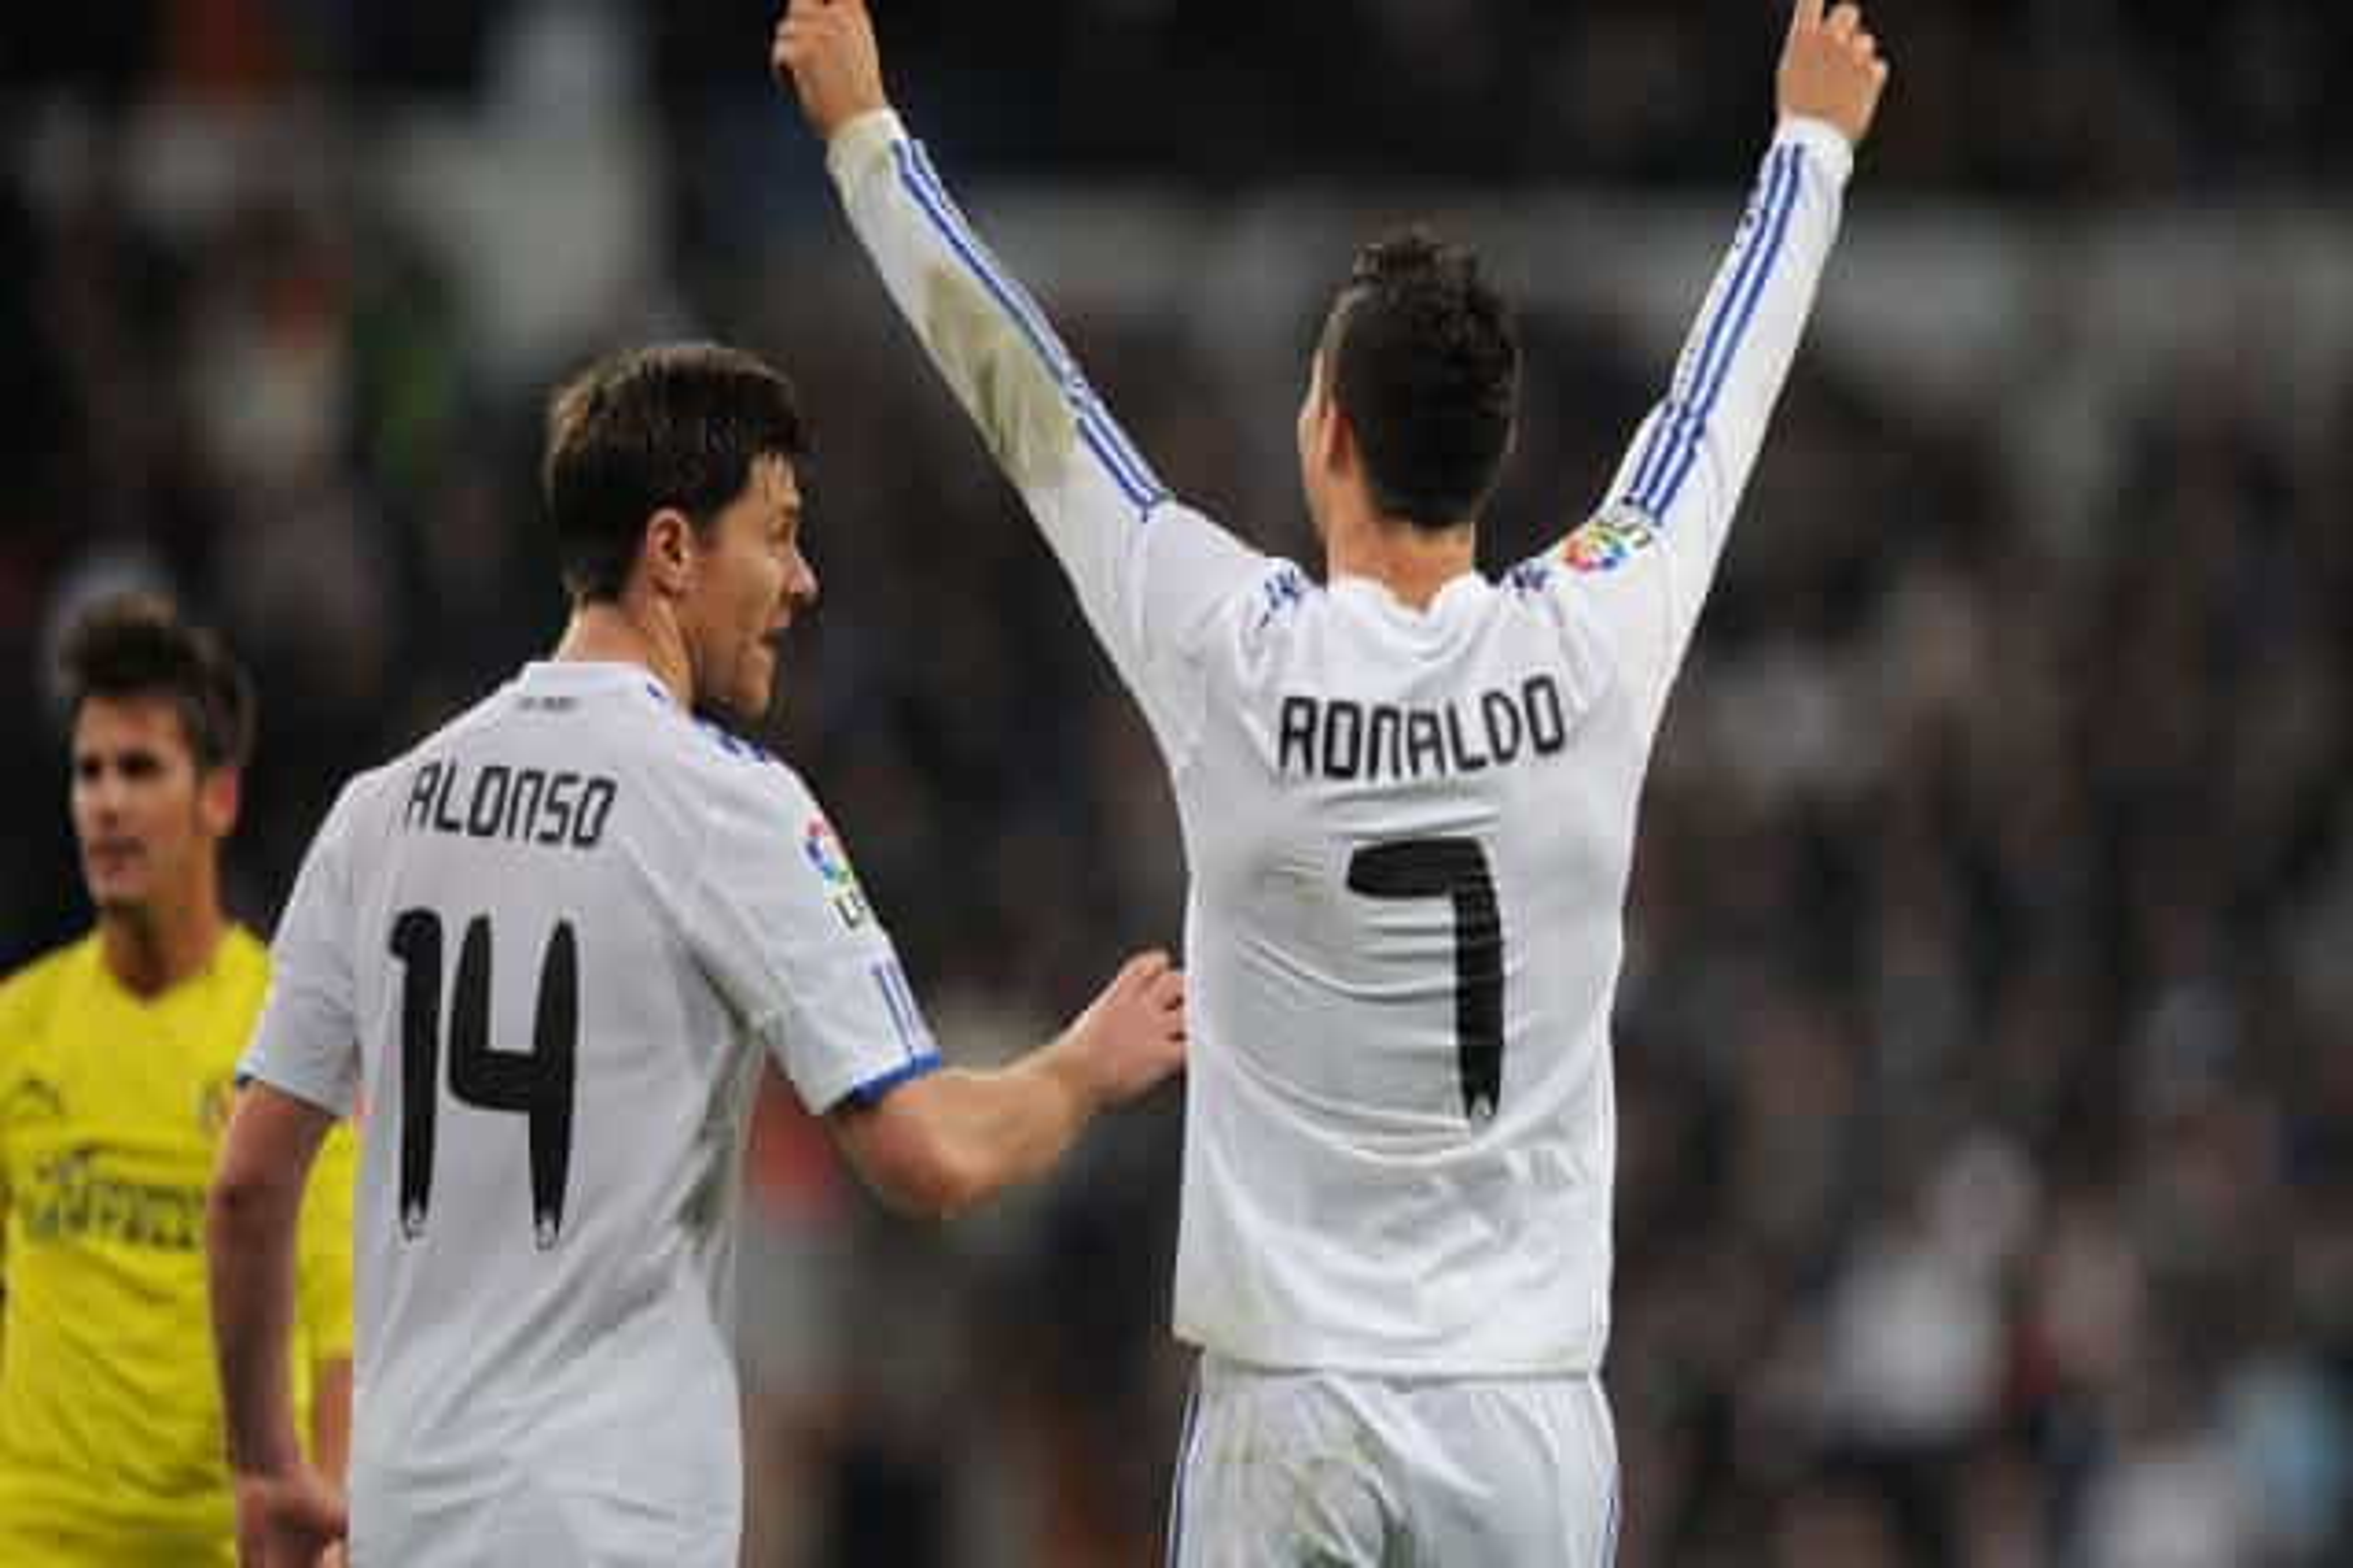 Ronaldo e Xabi Alonso presentes a juiz na próxima terça-feira